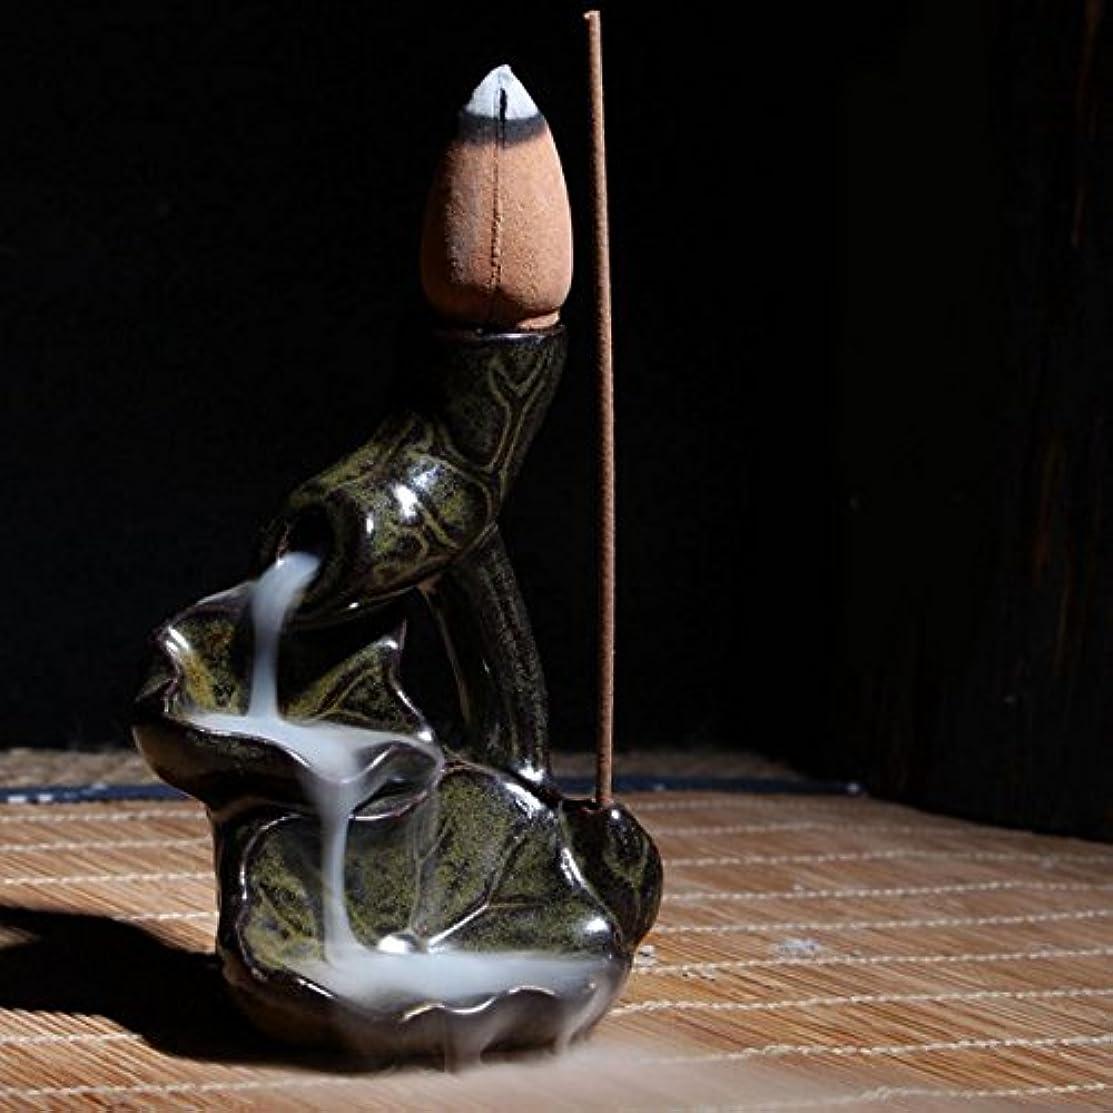 突っ込む偉業屋内香炉ホルダー – 1 Piece Water LilyセラミックGlaze逆流香炉ホルダーコーン香立てホーム